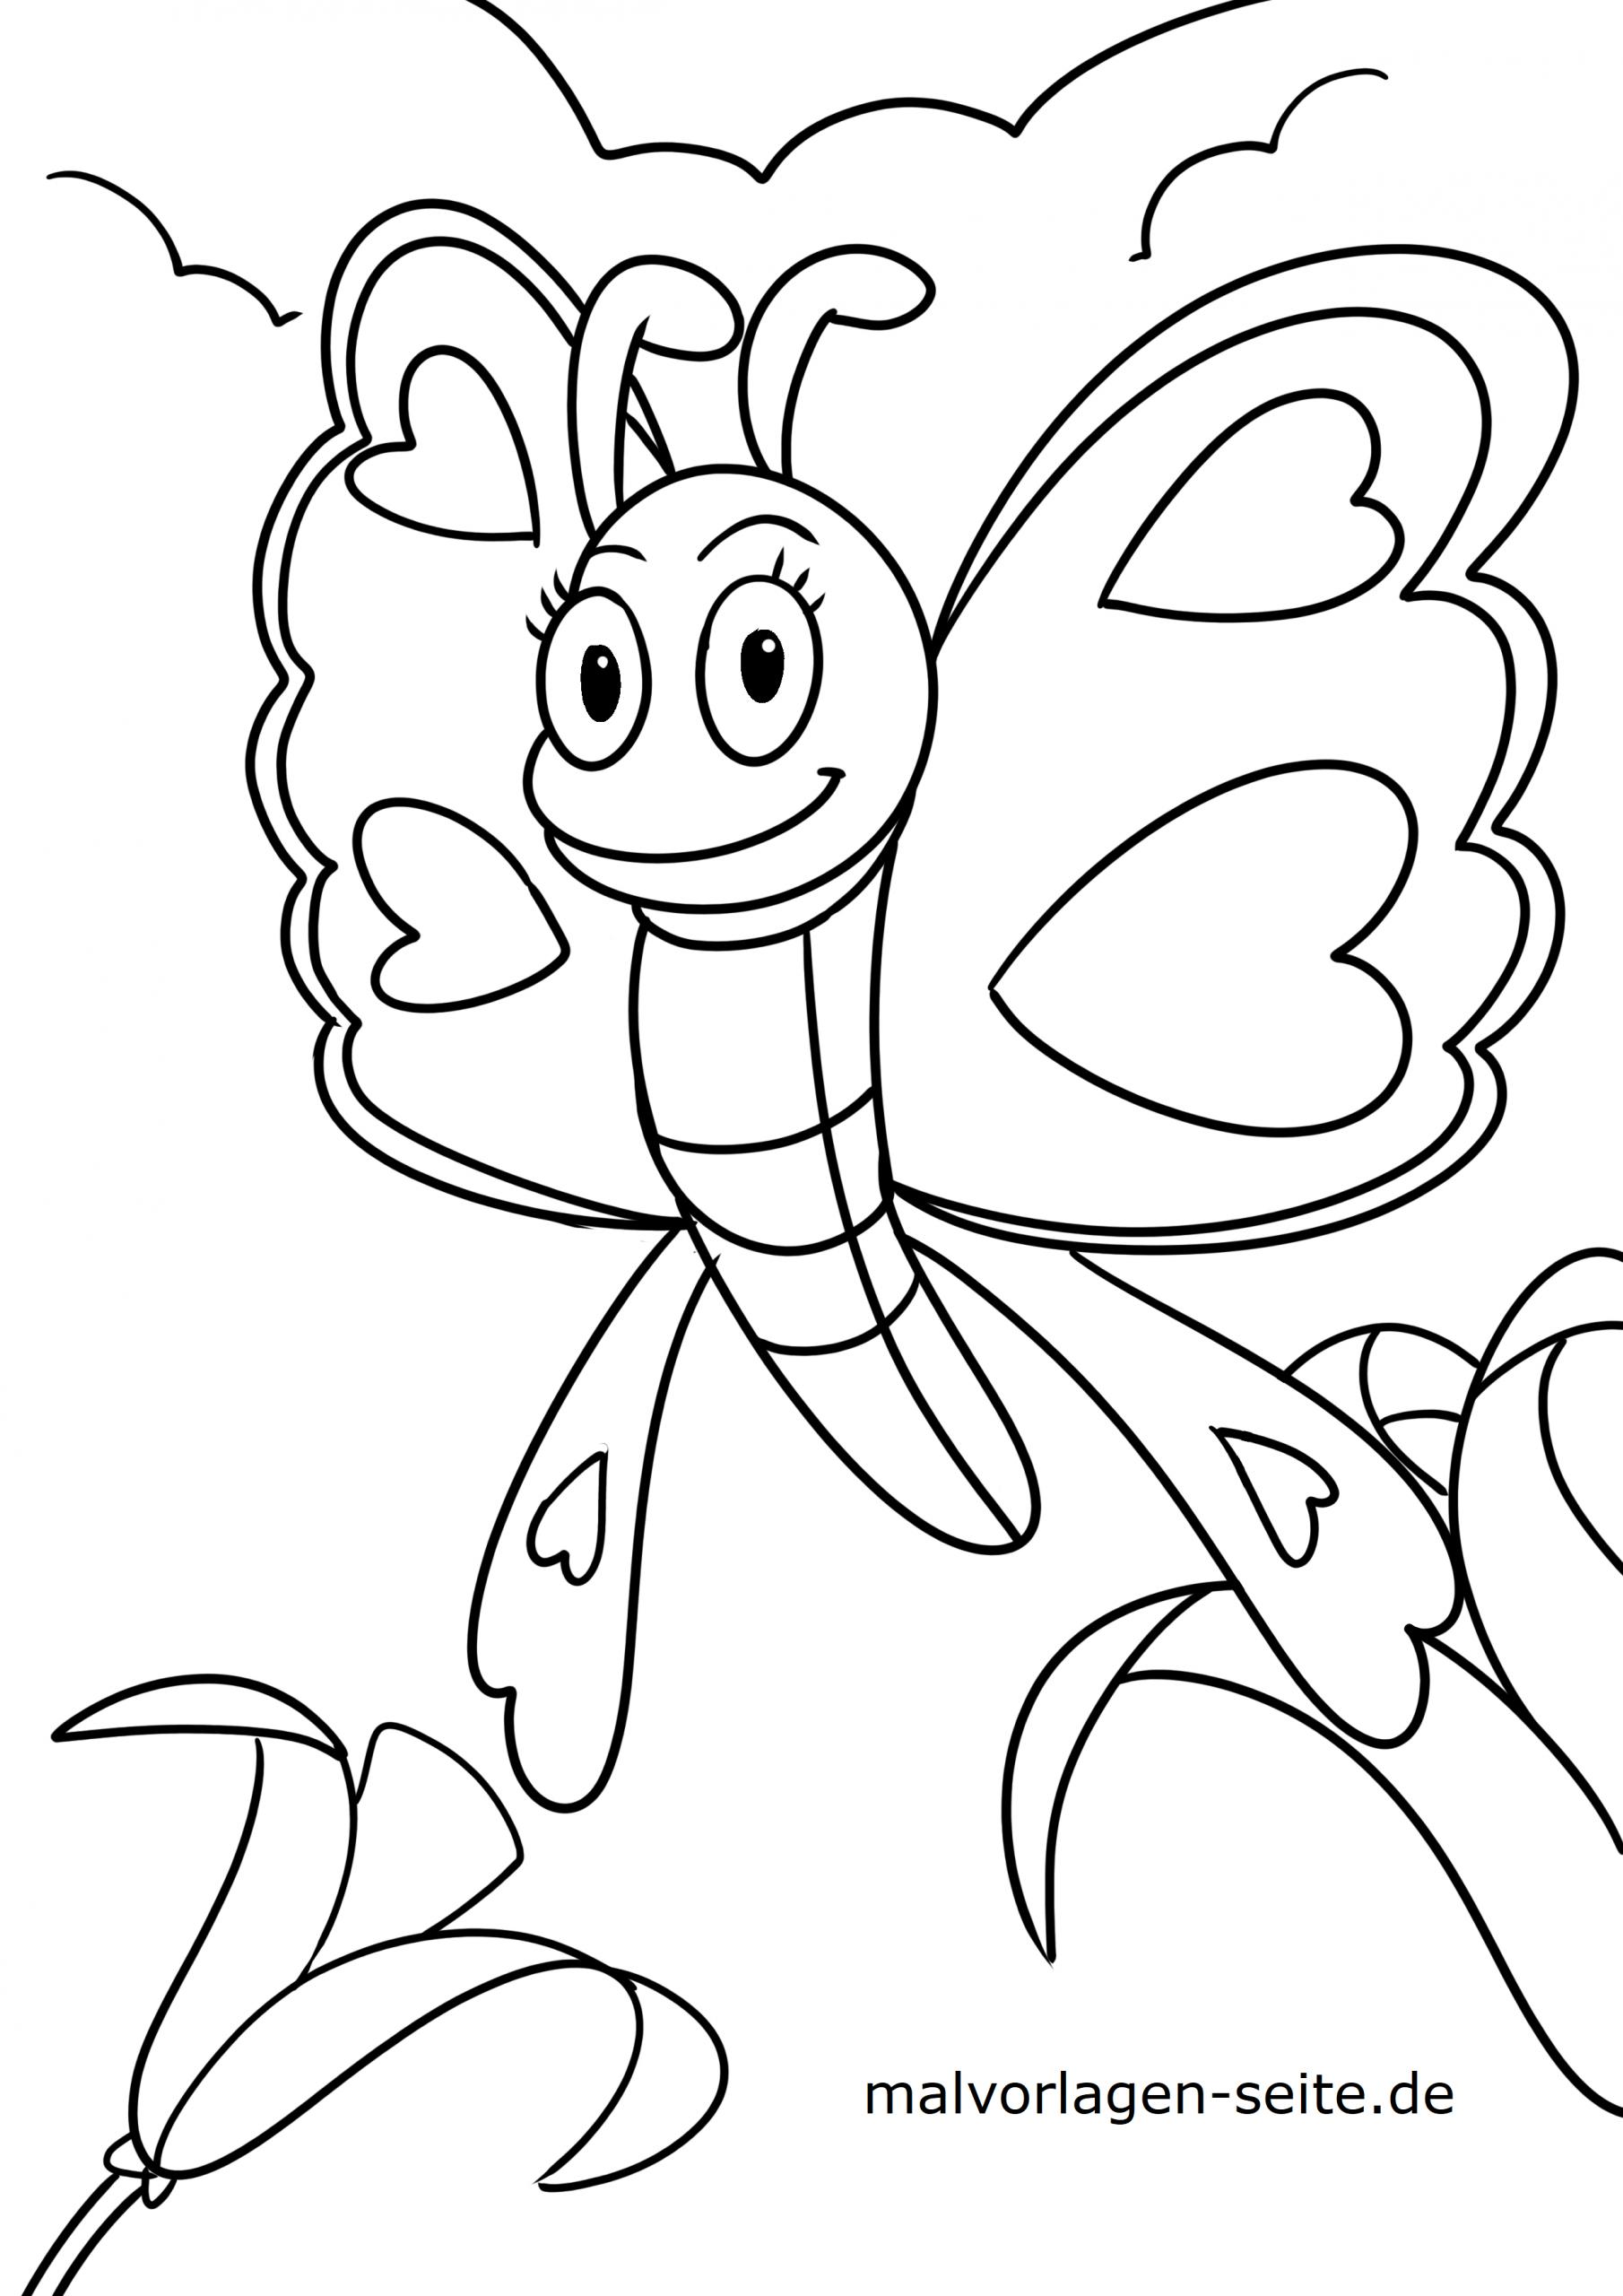 Malvorlage Schmetterling - Ausmalbilder Kostenlos Herunterladen innen Schmetterling Malvorlagen